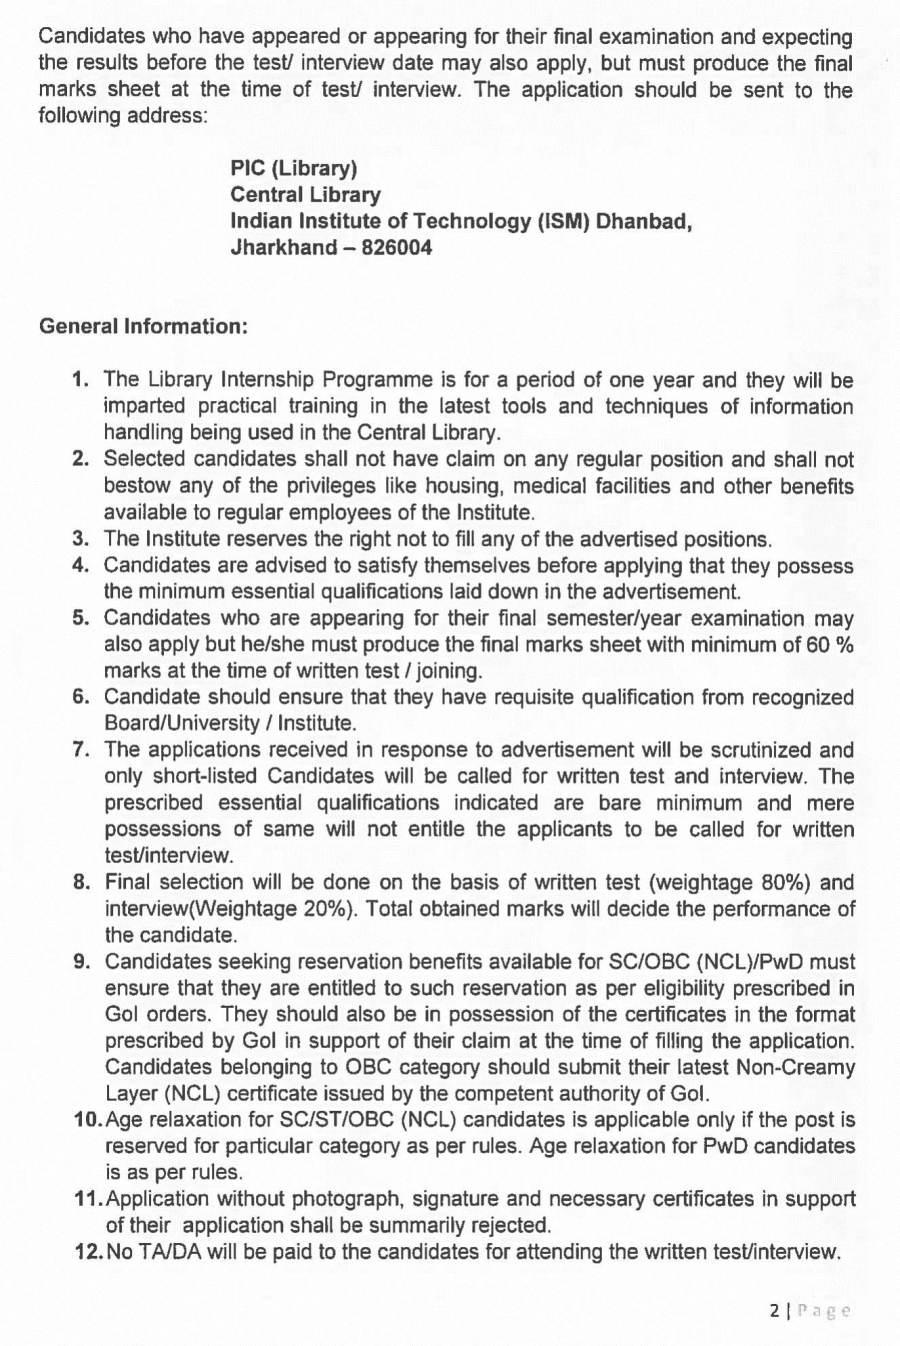 ADVT-FOR-LIBRARY-TRAINEE-June-2019-2.jpg